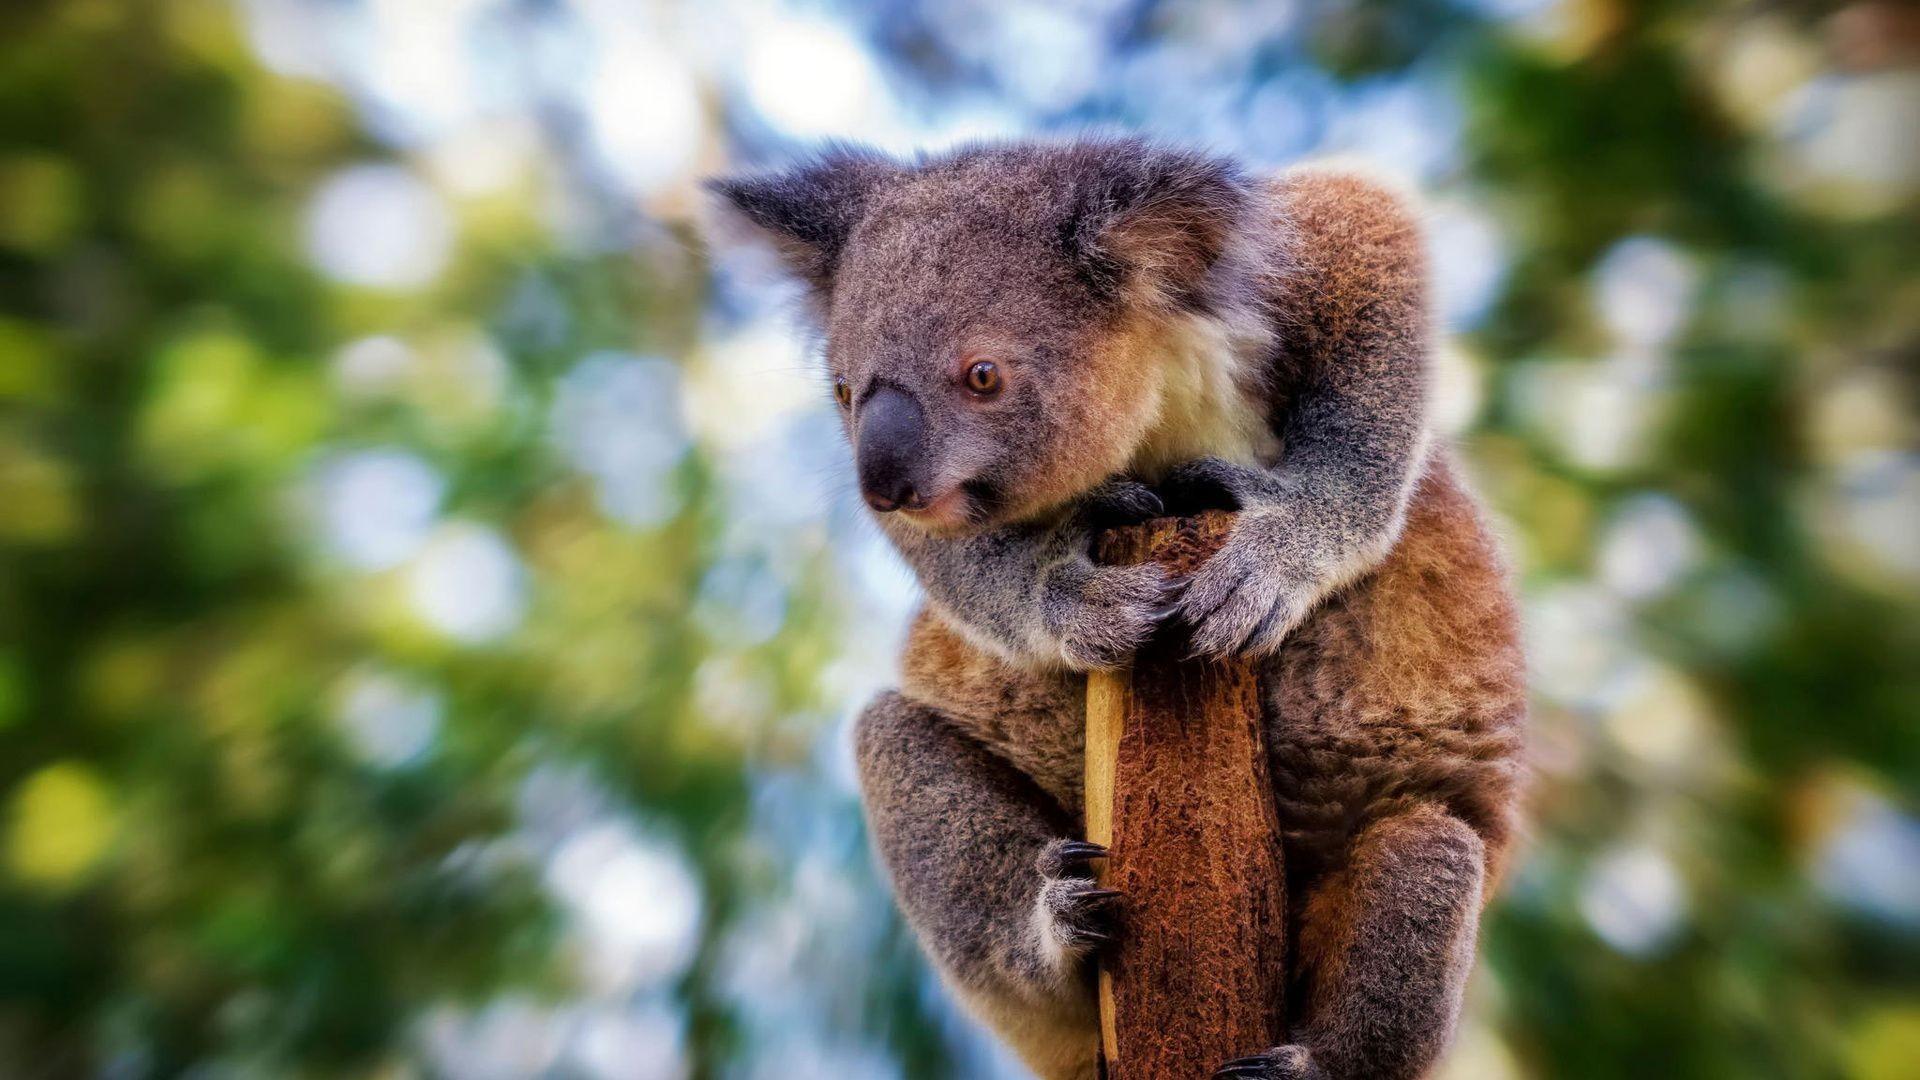 Cute Koala Hd Wallpaper Koala Wallpapers 183 ① Wallpapertag